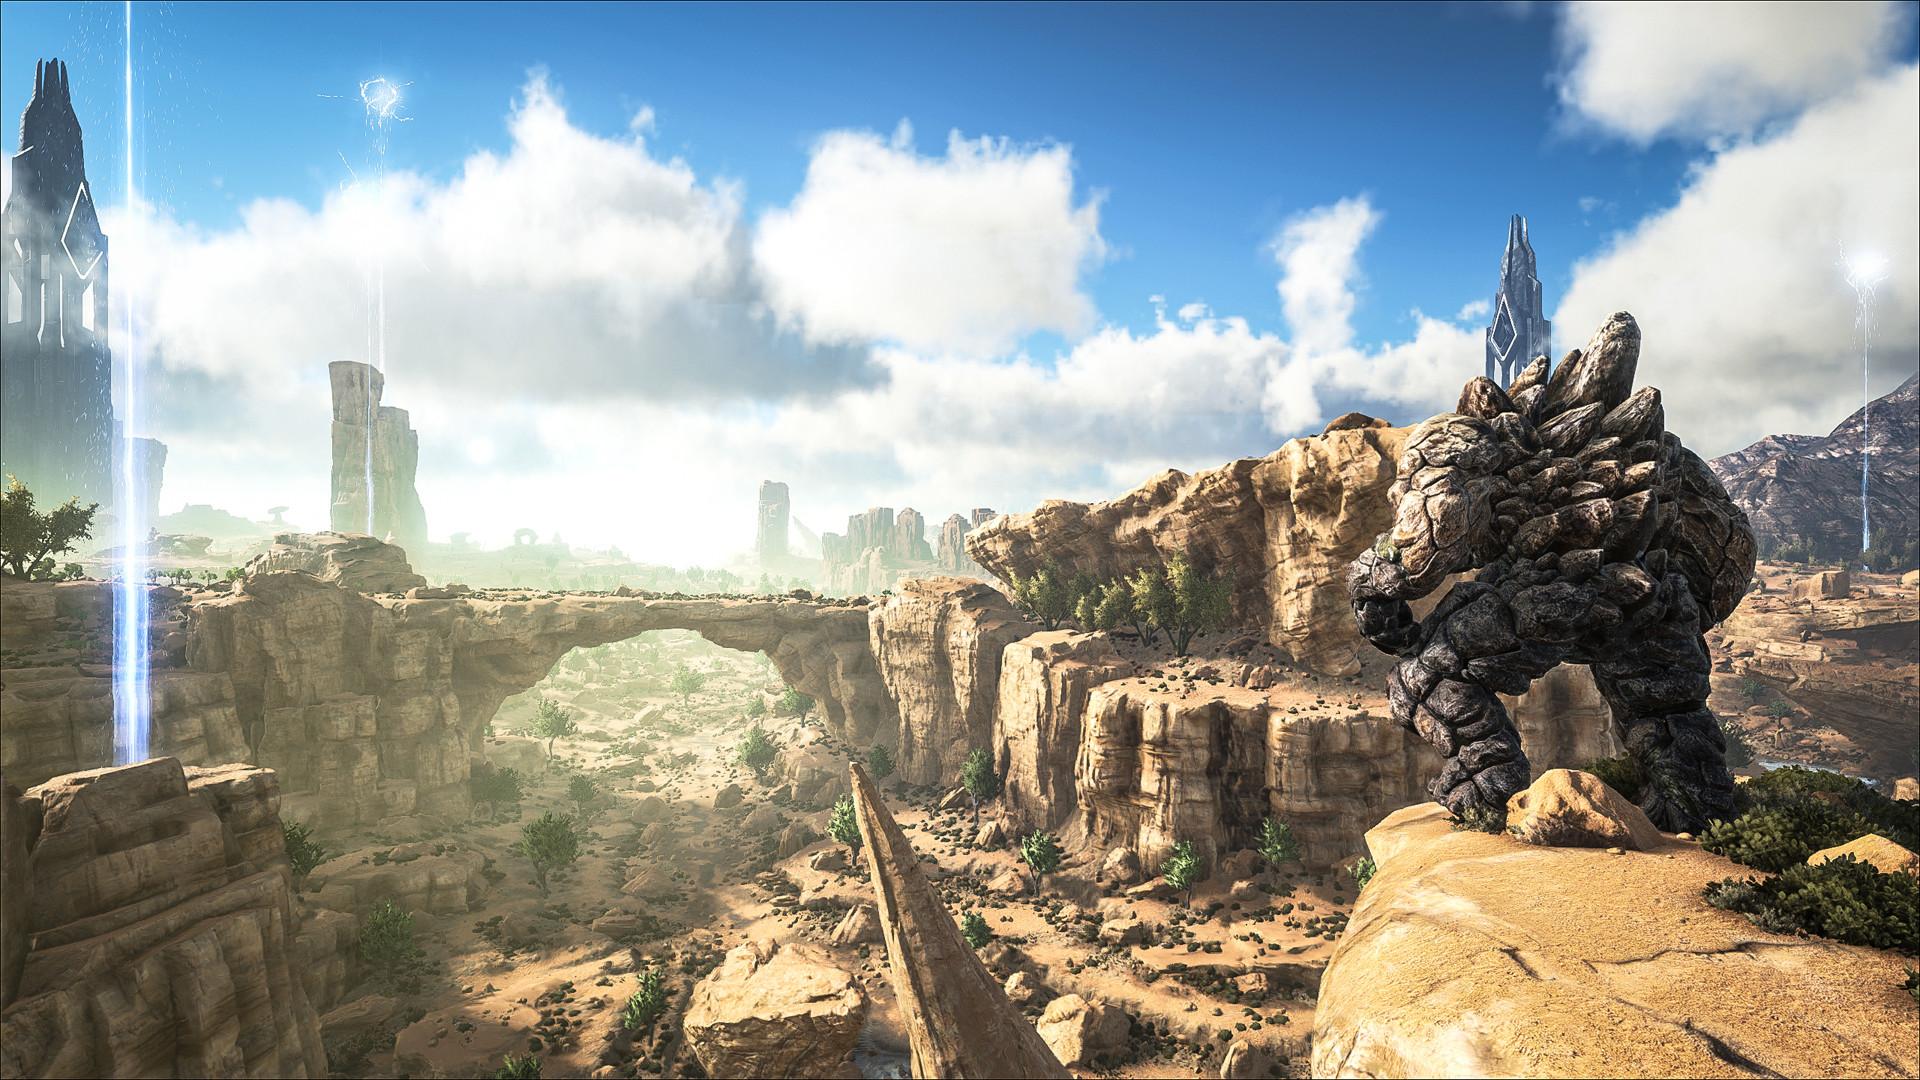 「ARK: Scorched Earth」は今年9月に配信が開始された拡張パック。既存とは異なるさらに危険なワールドやモンスターが追加される